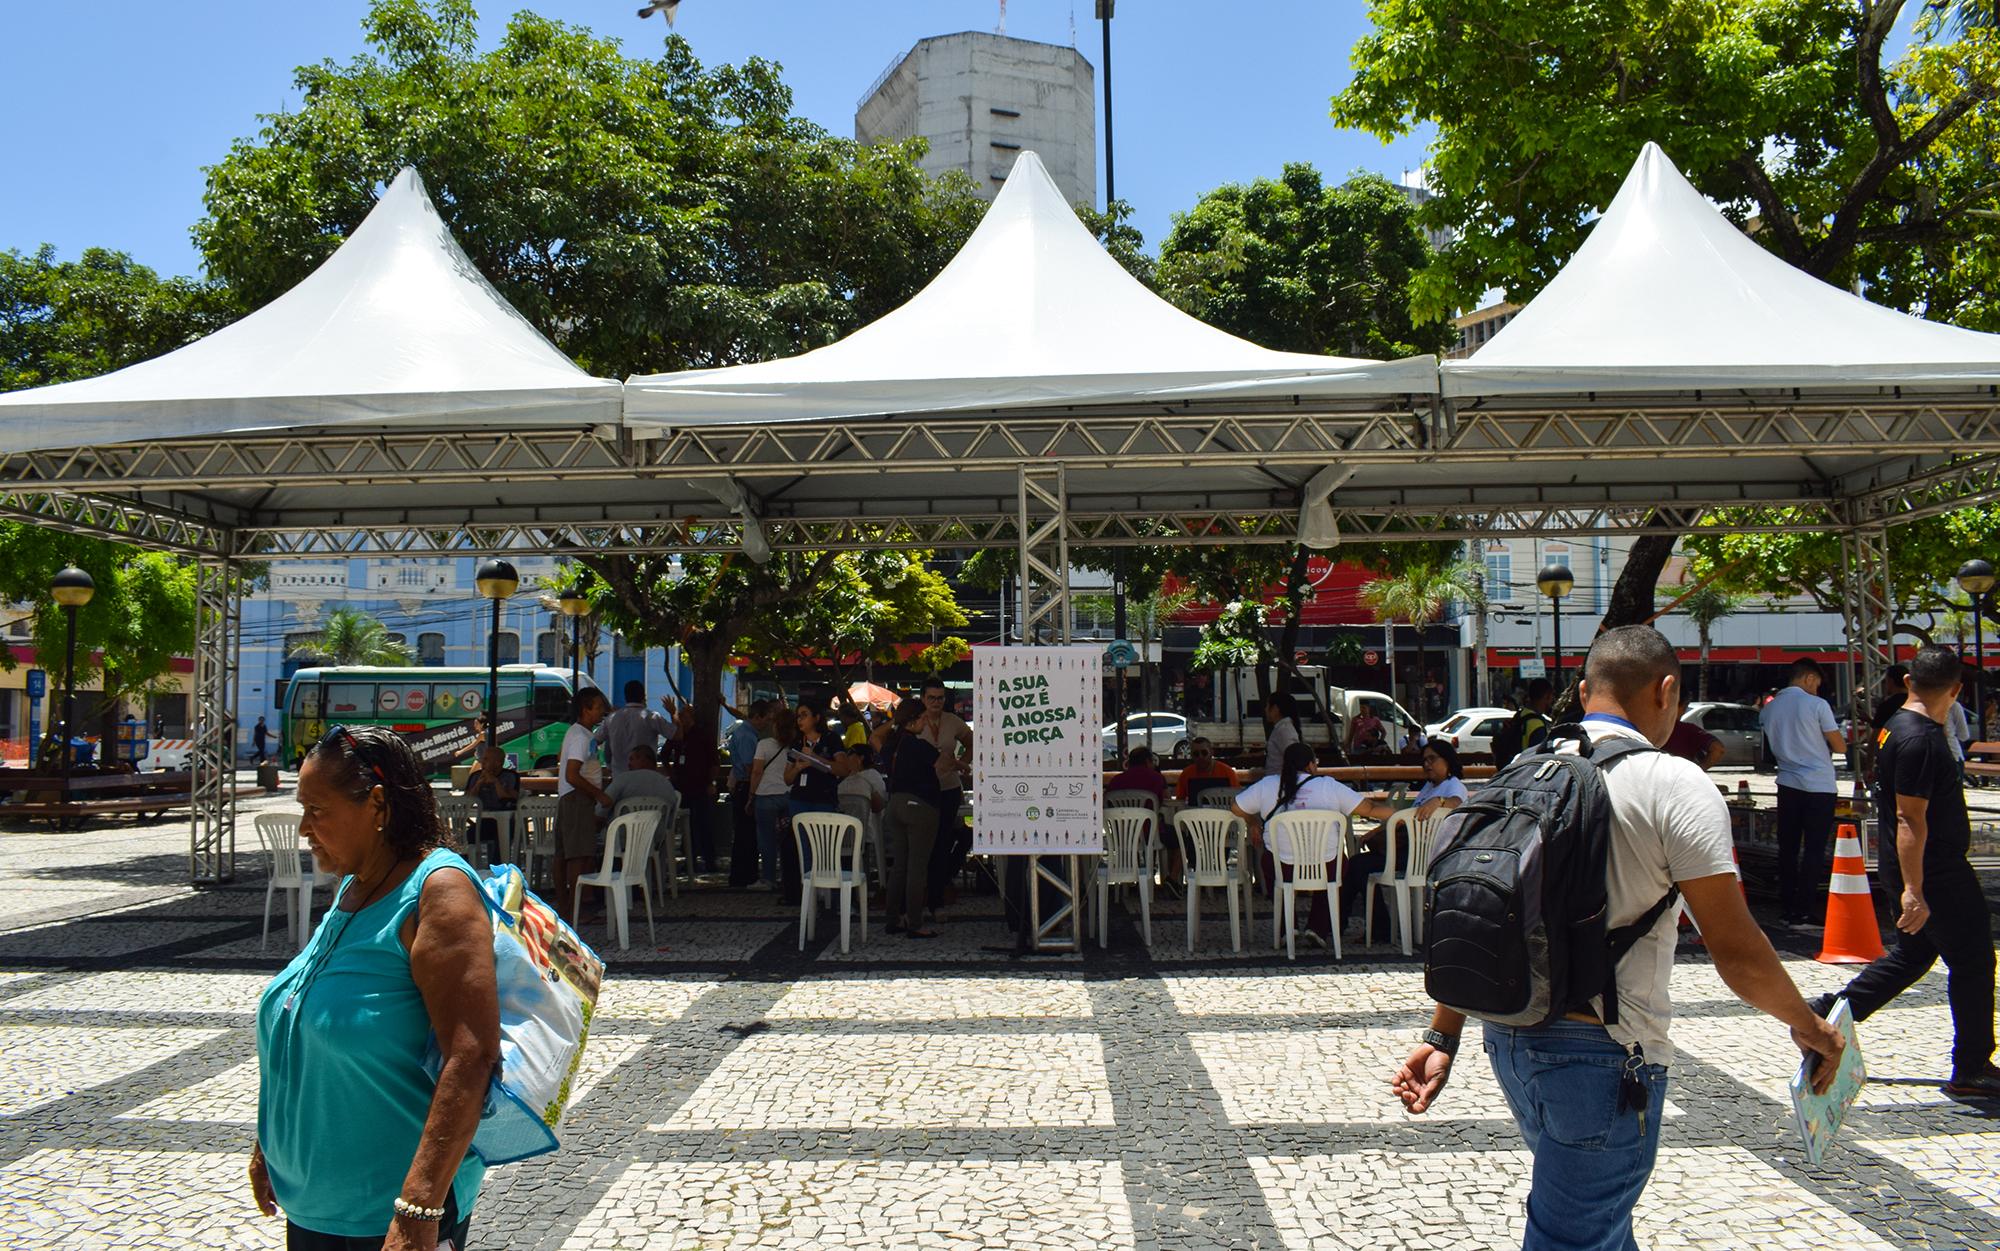 Ouvidoria na Praça realiza prestação de serviços à população